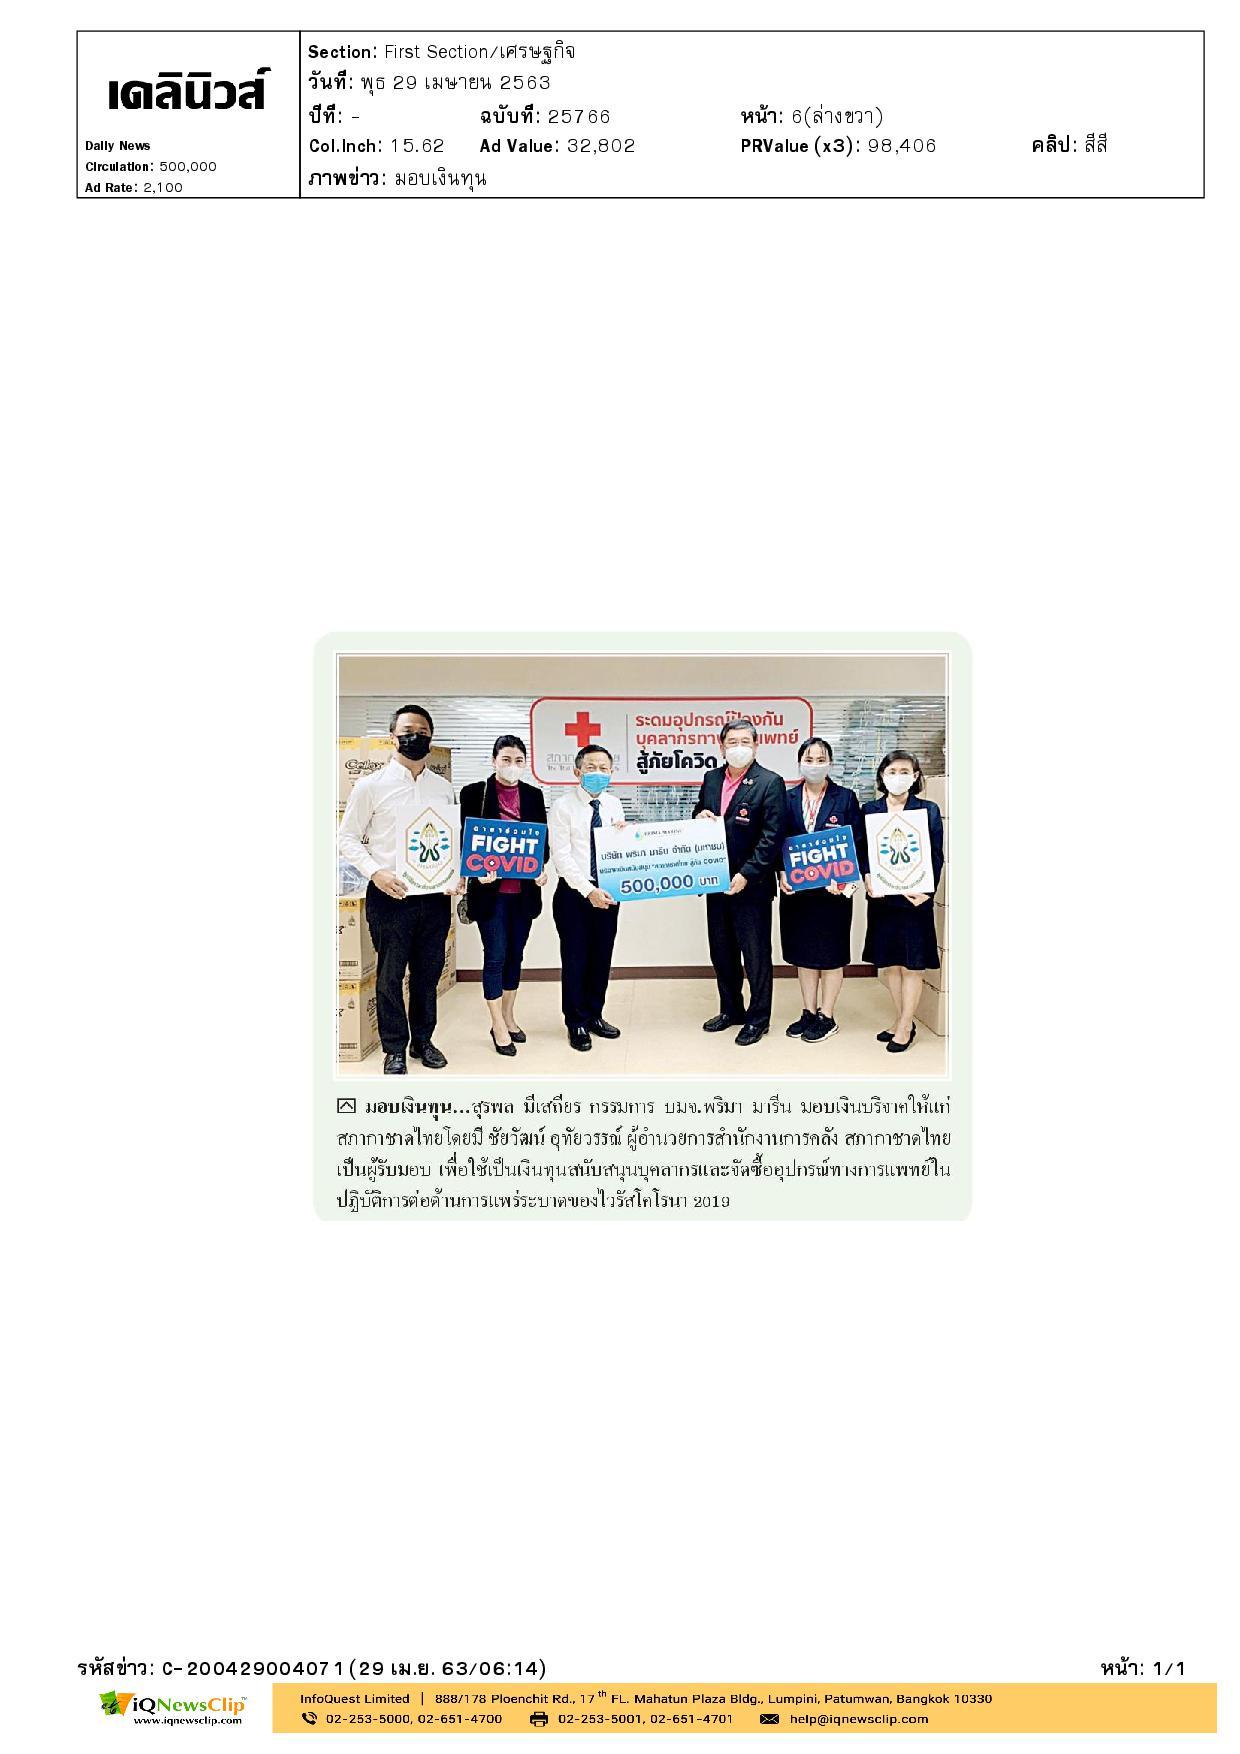 มอบเงินบริจาคให้แก่สภากาชาดไทย